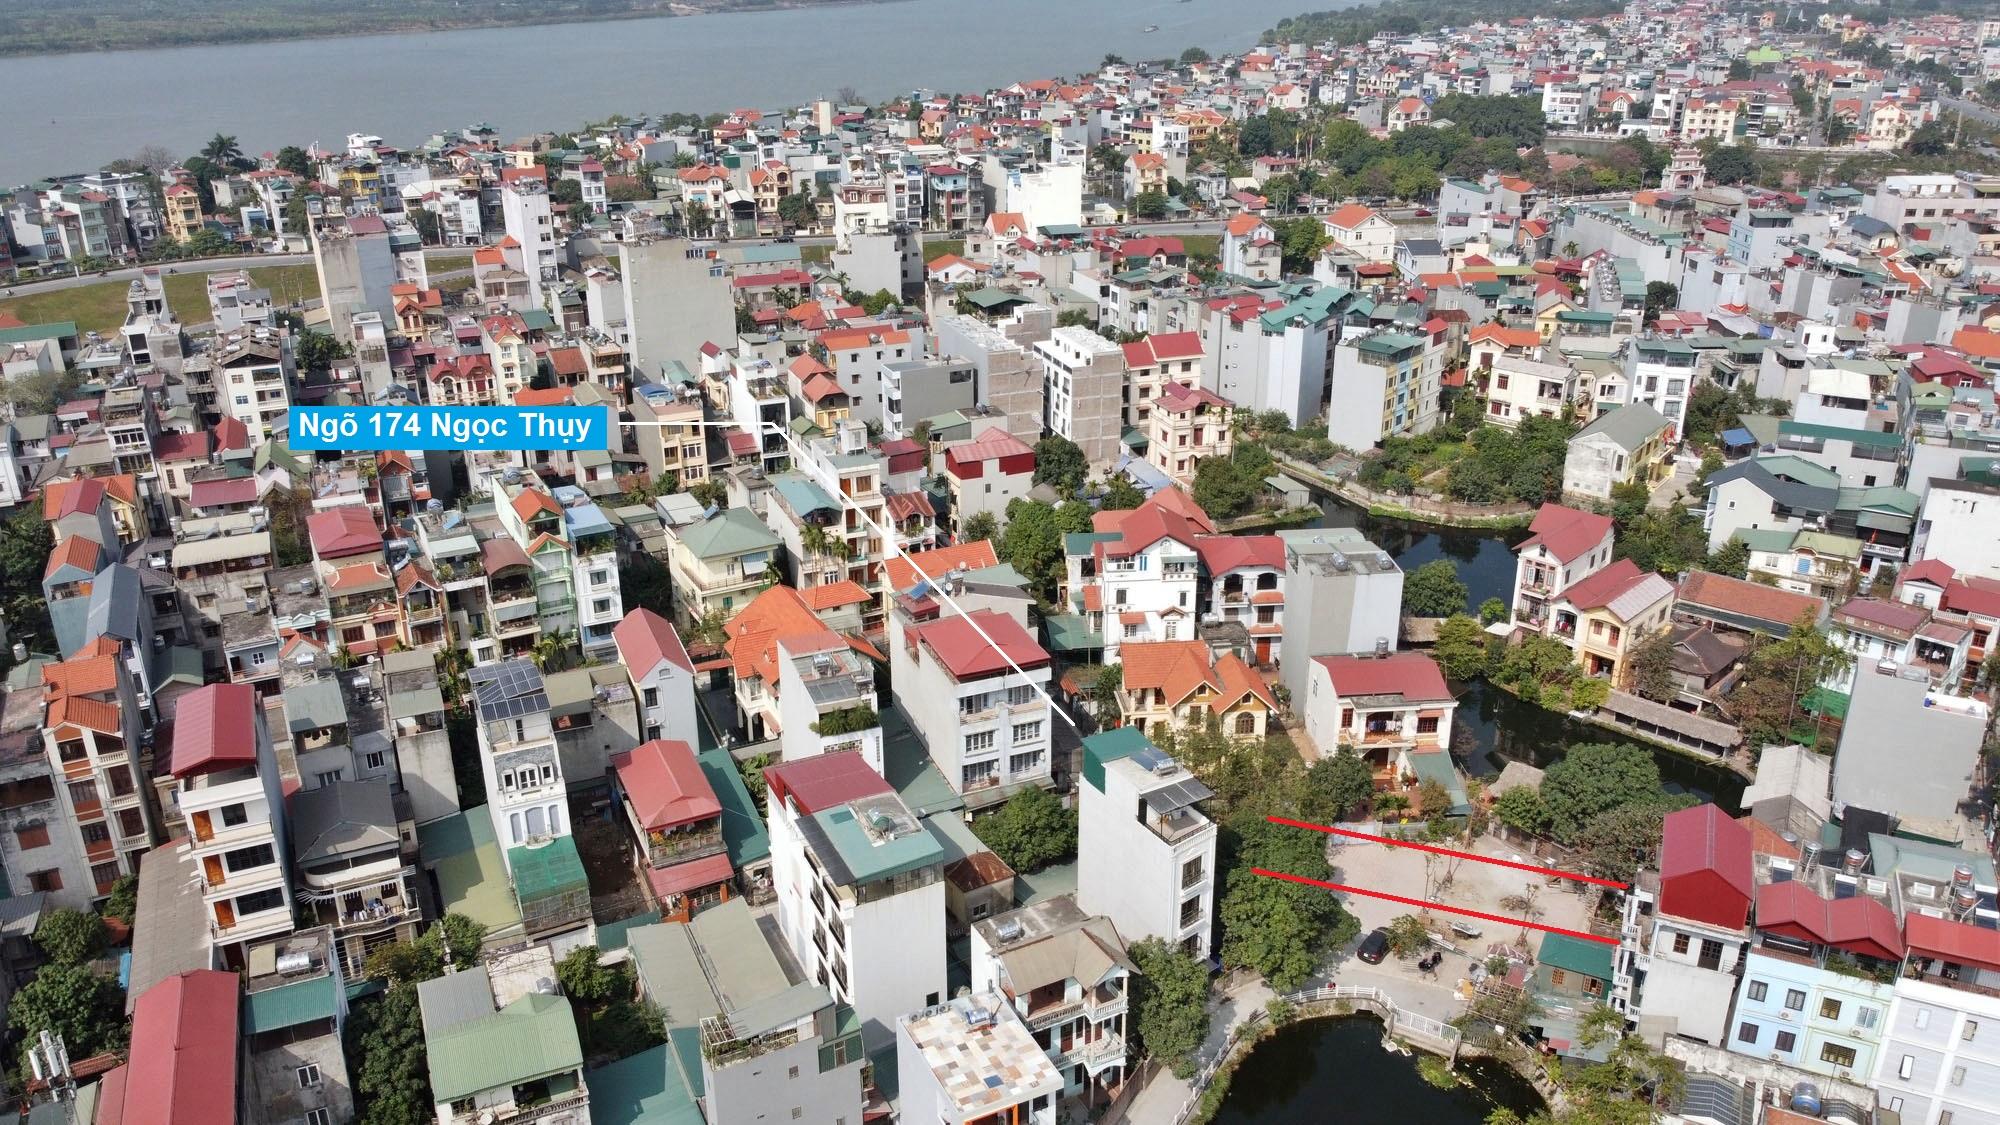 Ba đường mở theo qui hoạch ở phường Ngọc Thụy, Long Biên, Hà Nội (phần 2) - Ảnh 7.